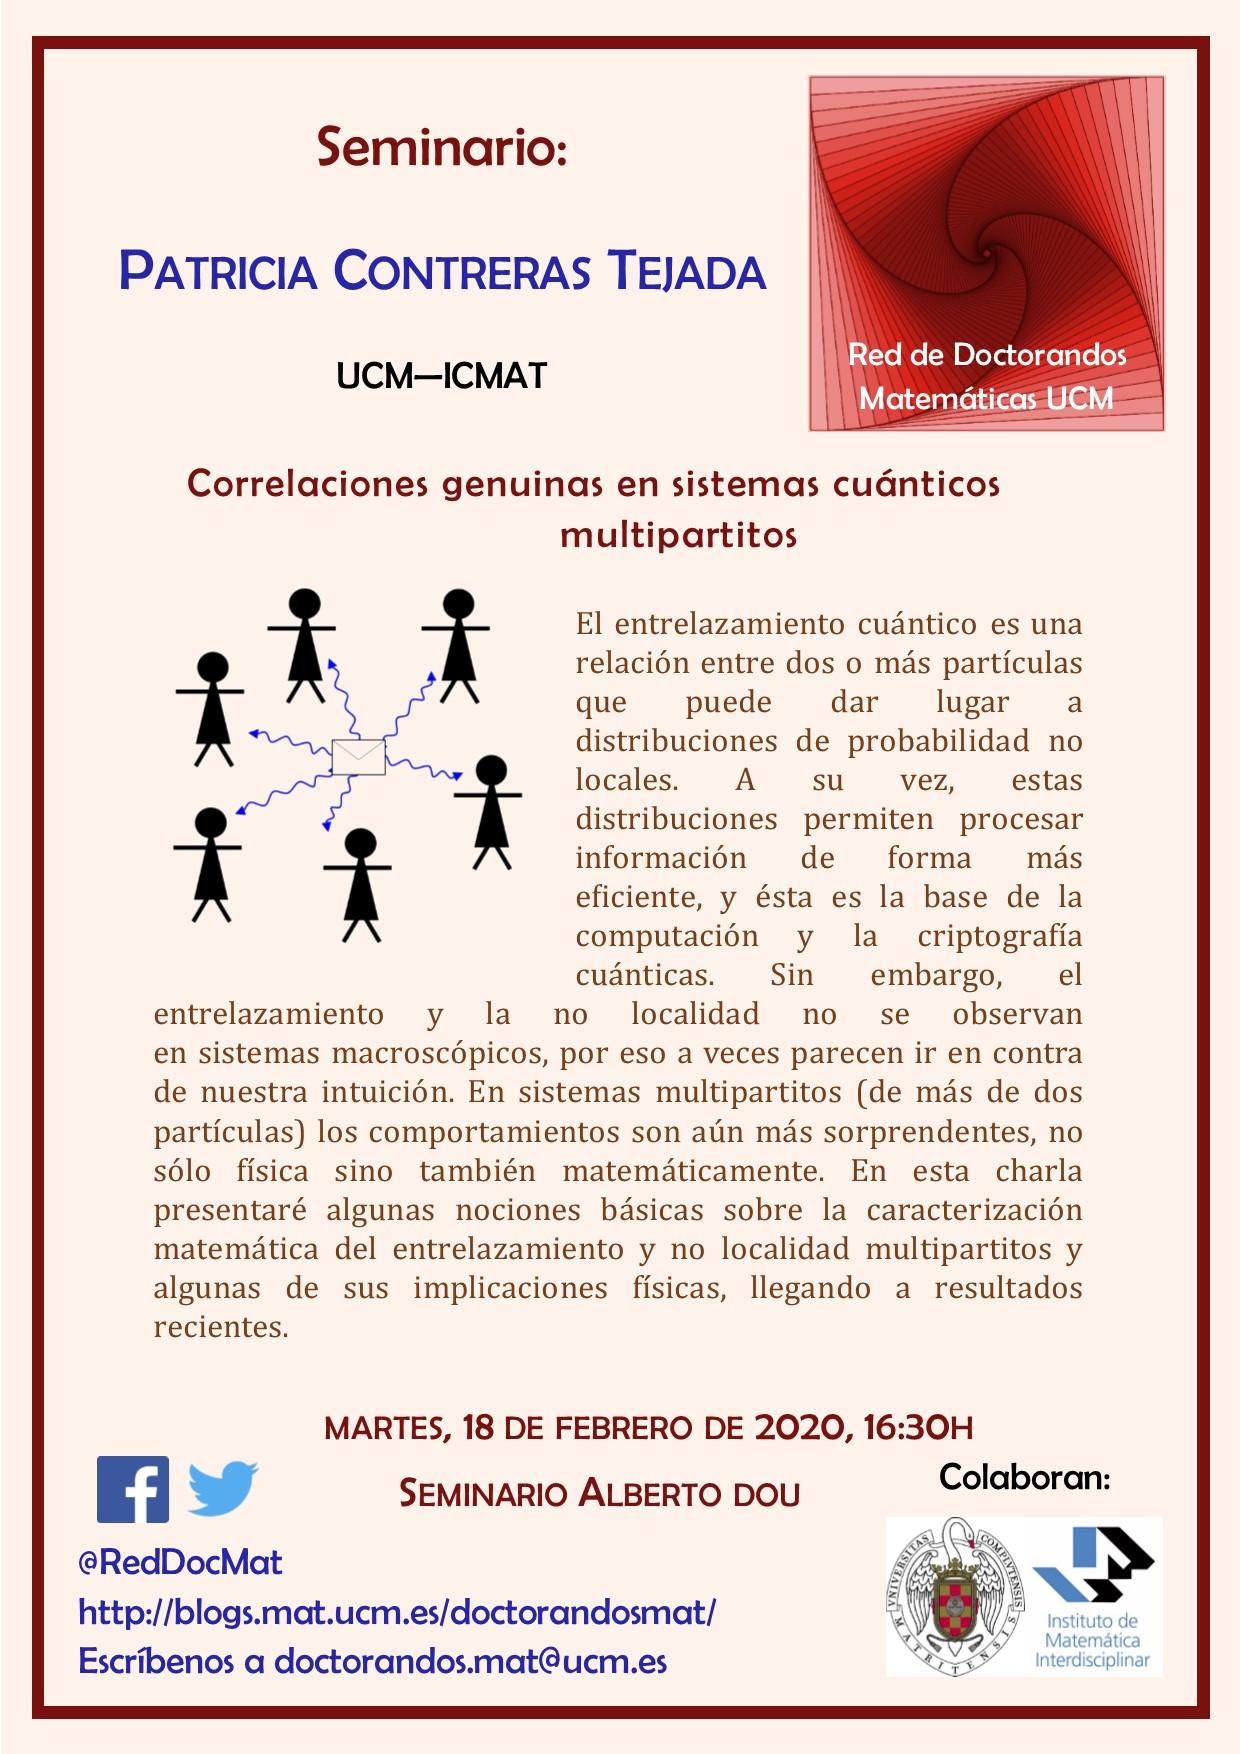 Patricia Contreras Tejada